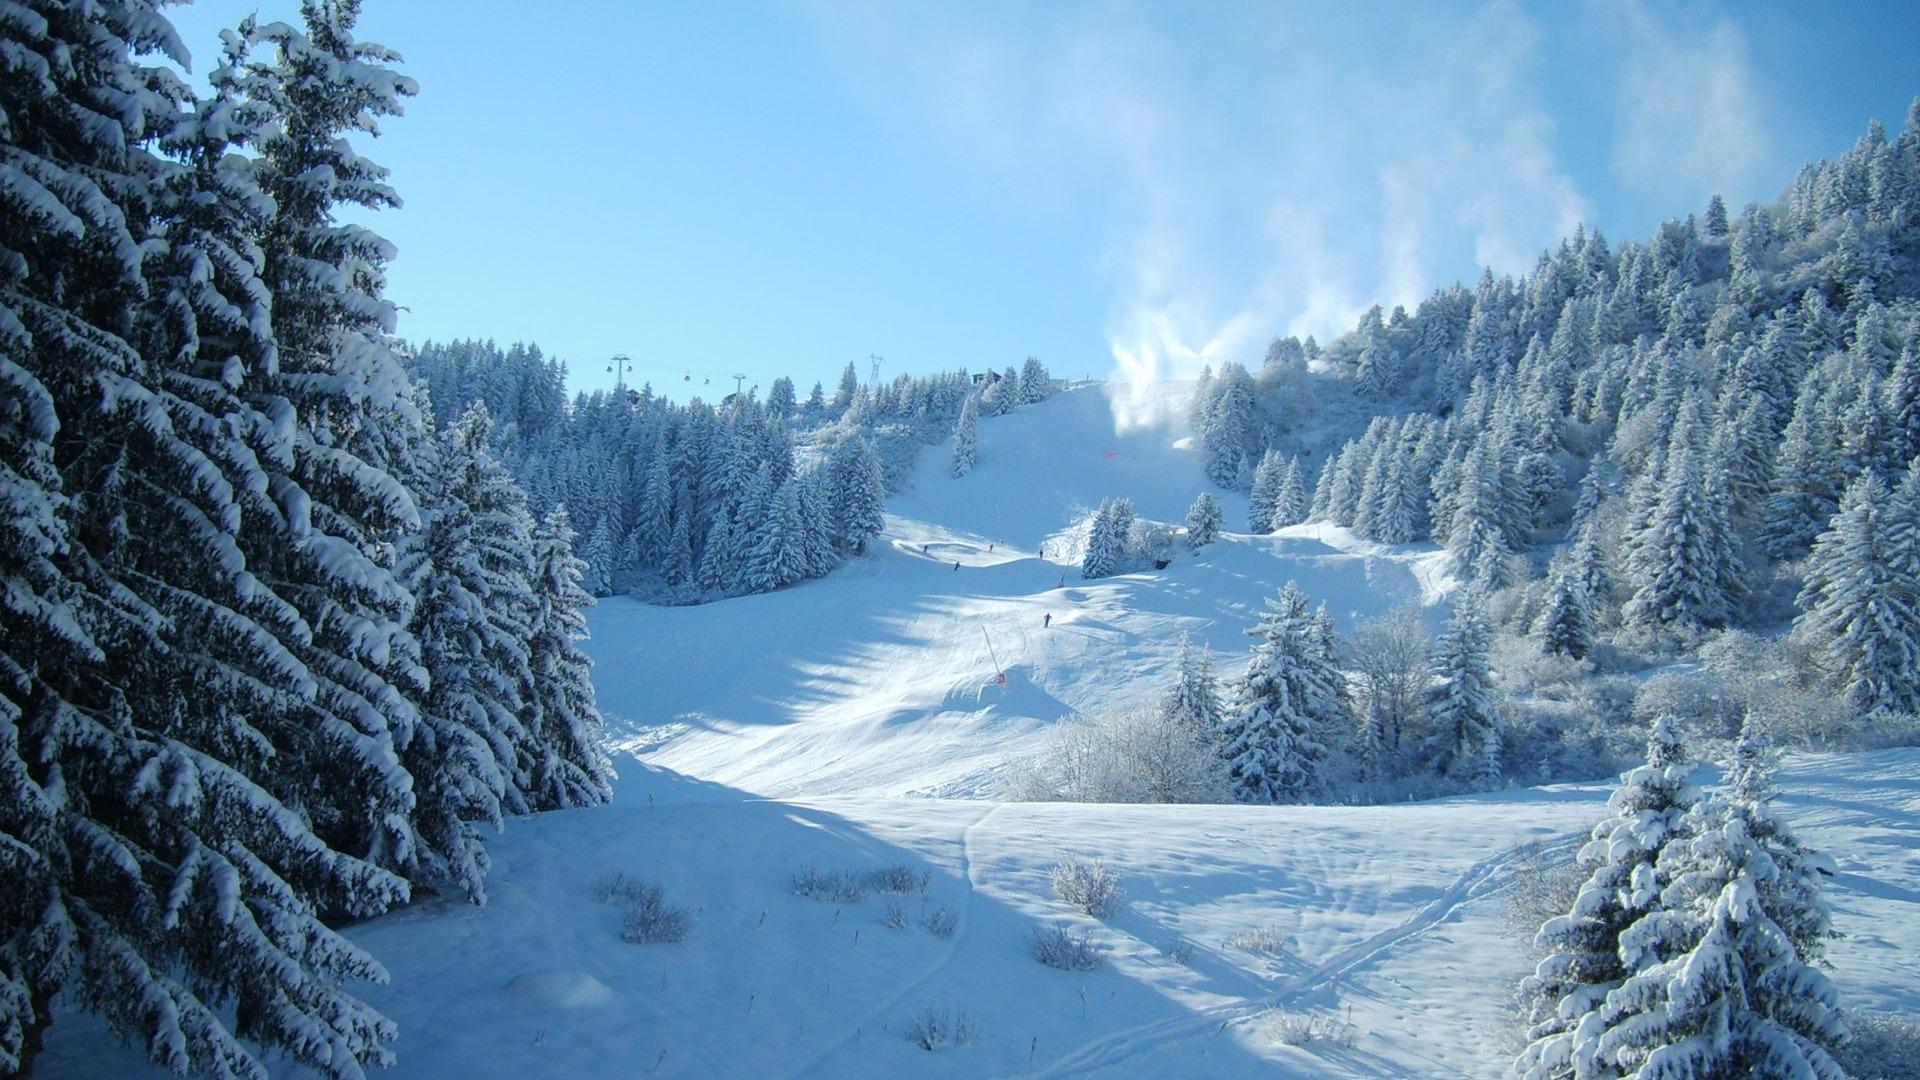 ski-track-x-e-599007